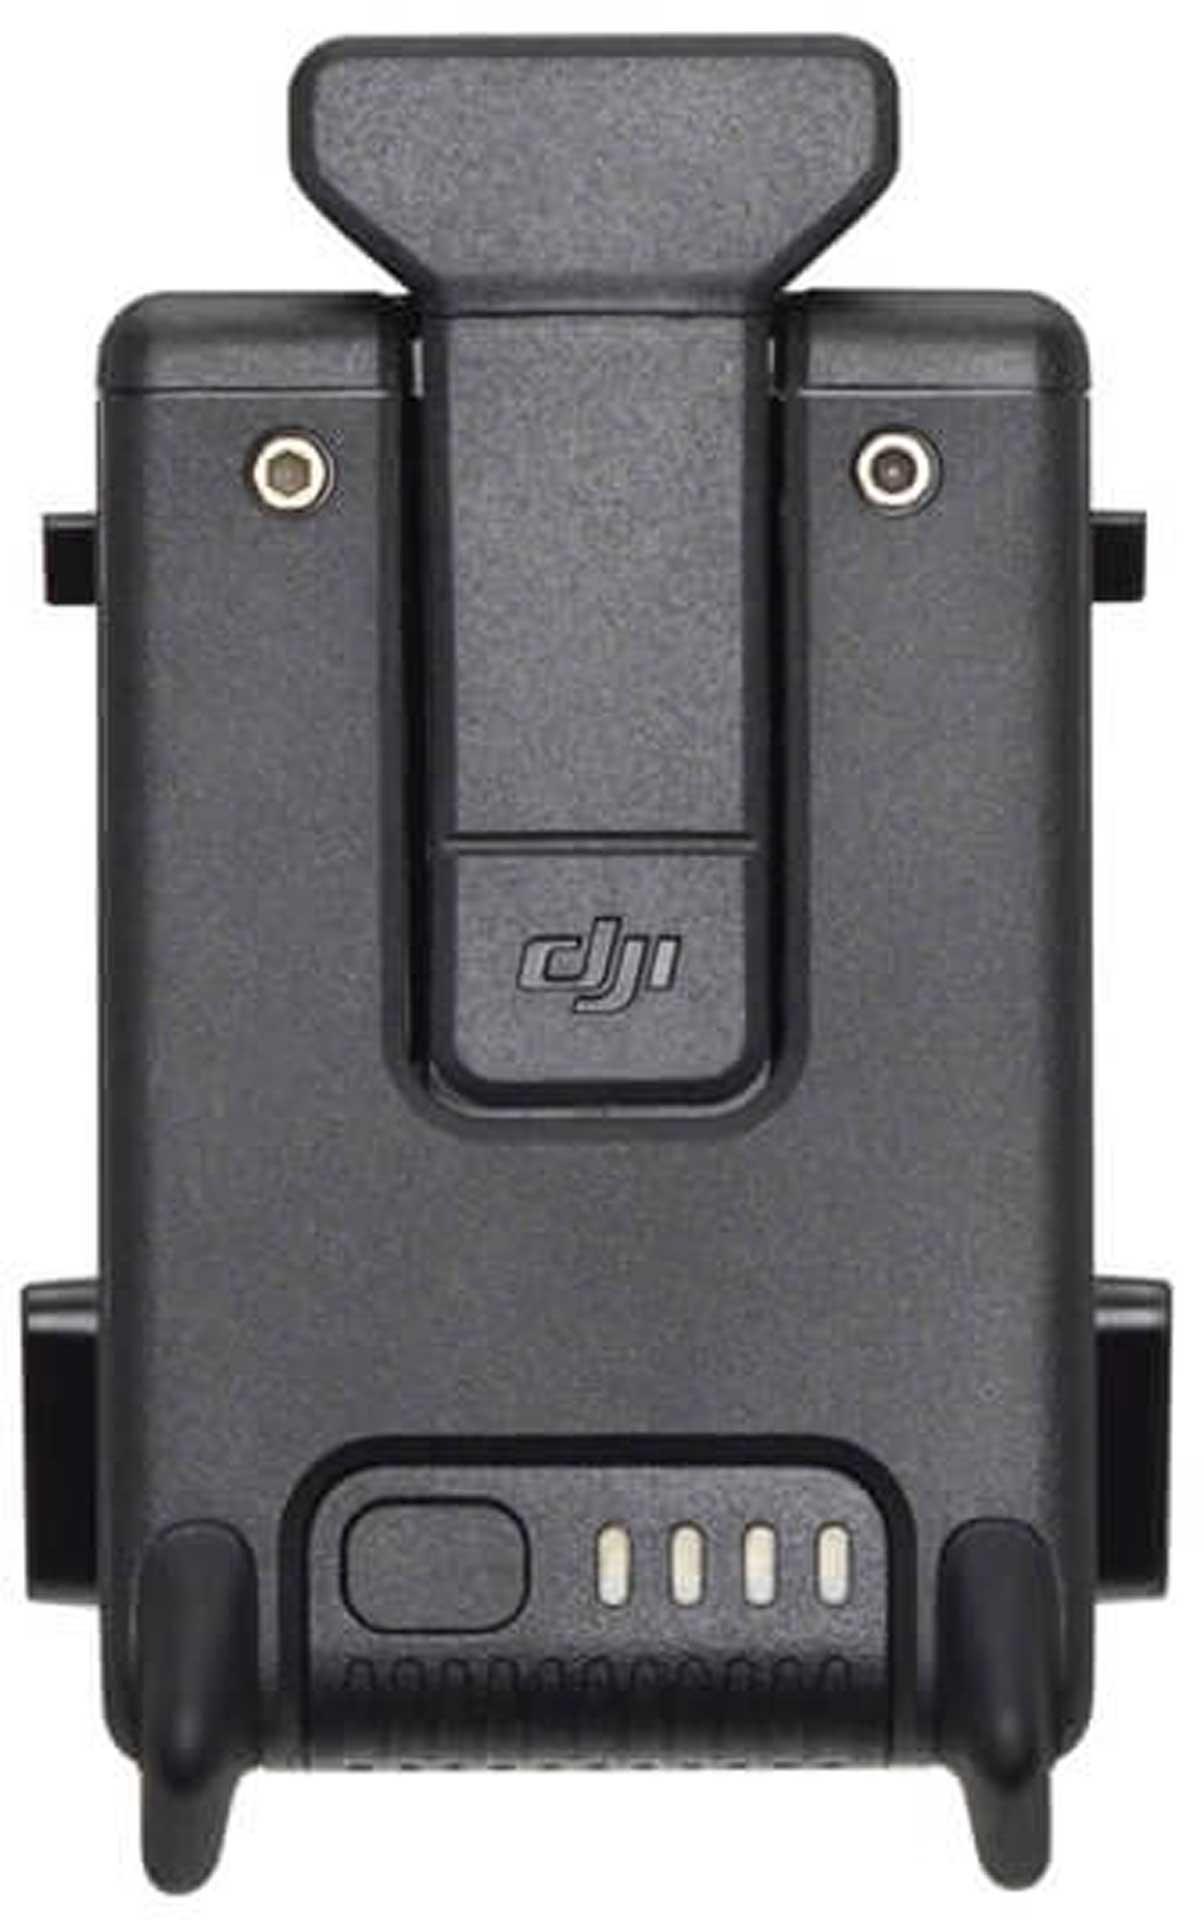 DJI FPV Intelligent Flight Battery